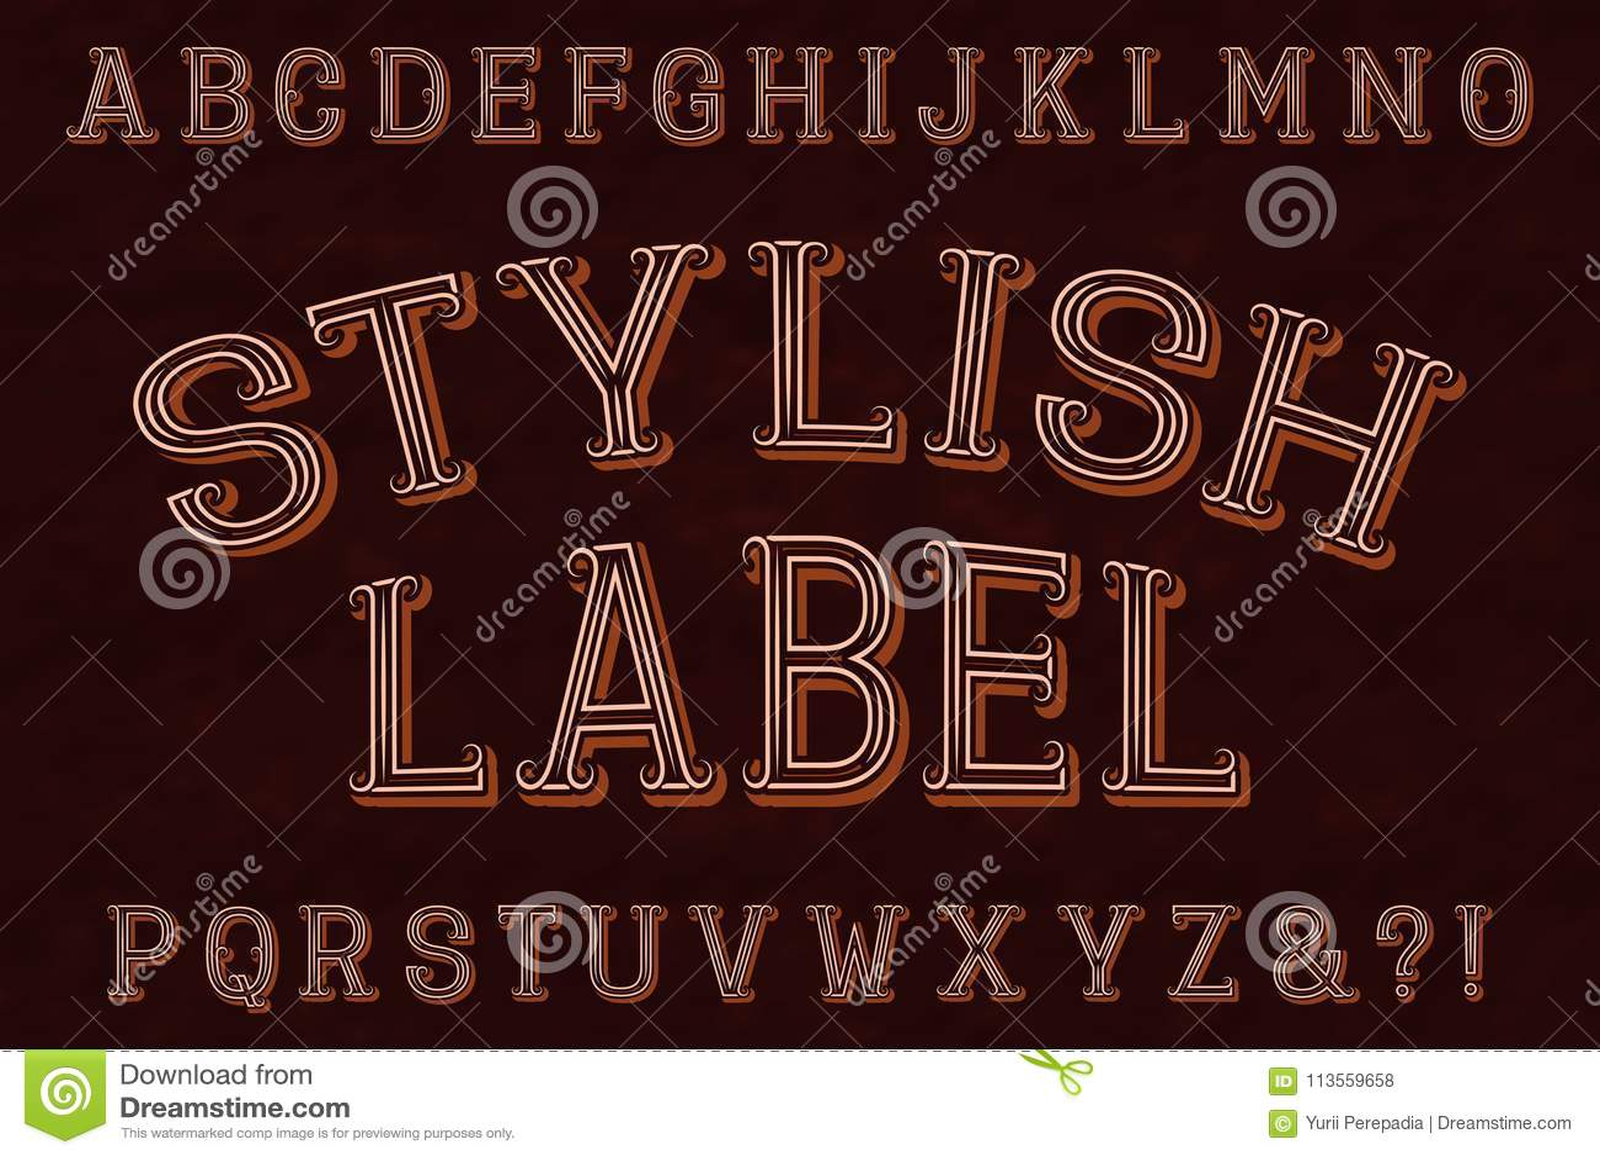 New fonts stylish in english catalog photo